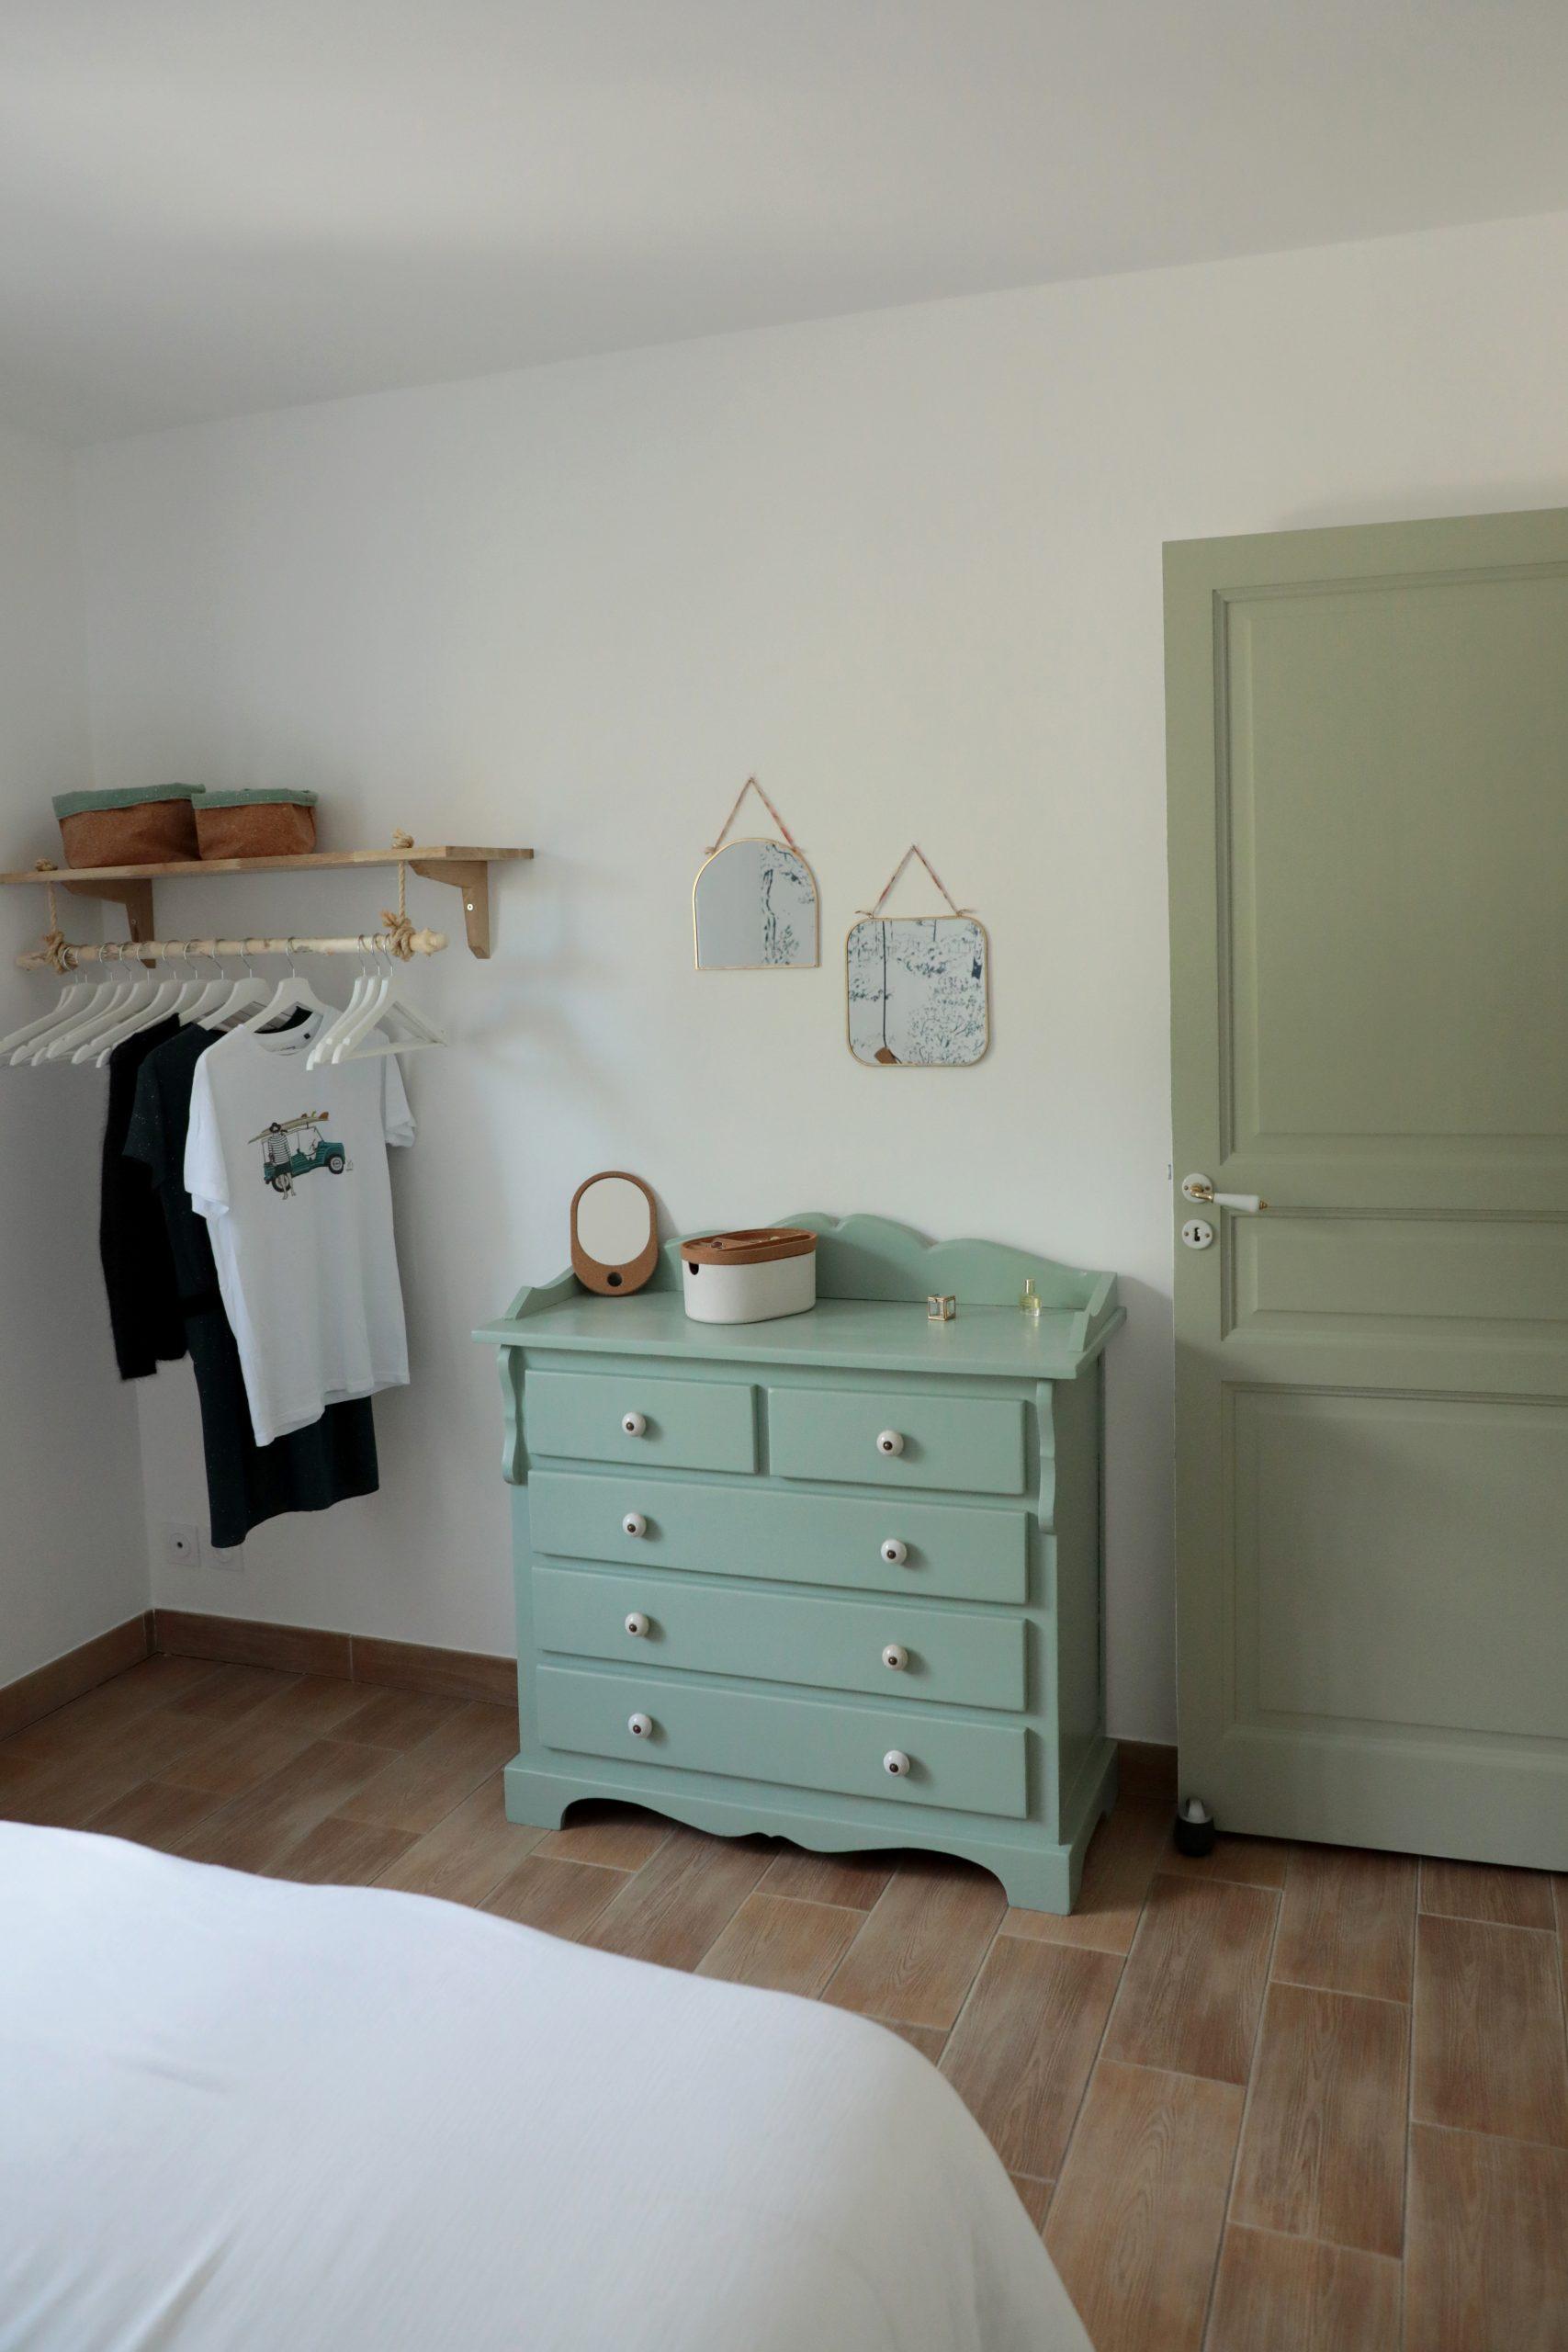 chambre parentale décoration verte commode ancienne, miroirs laiton